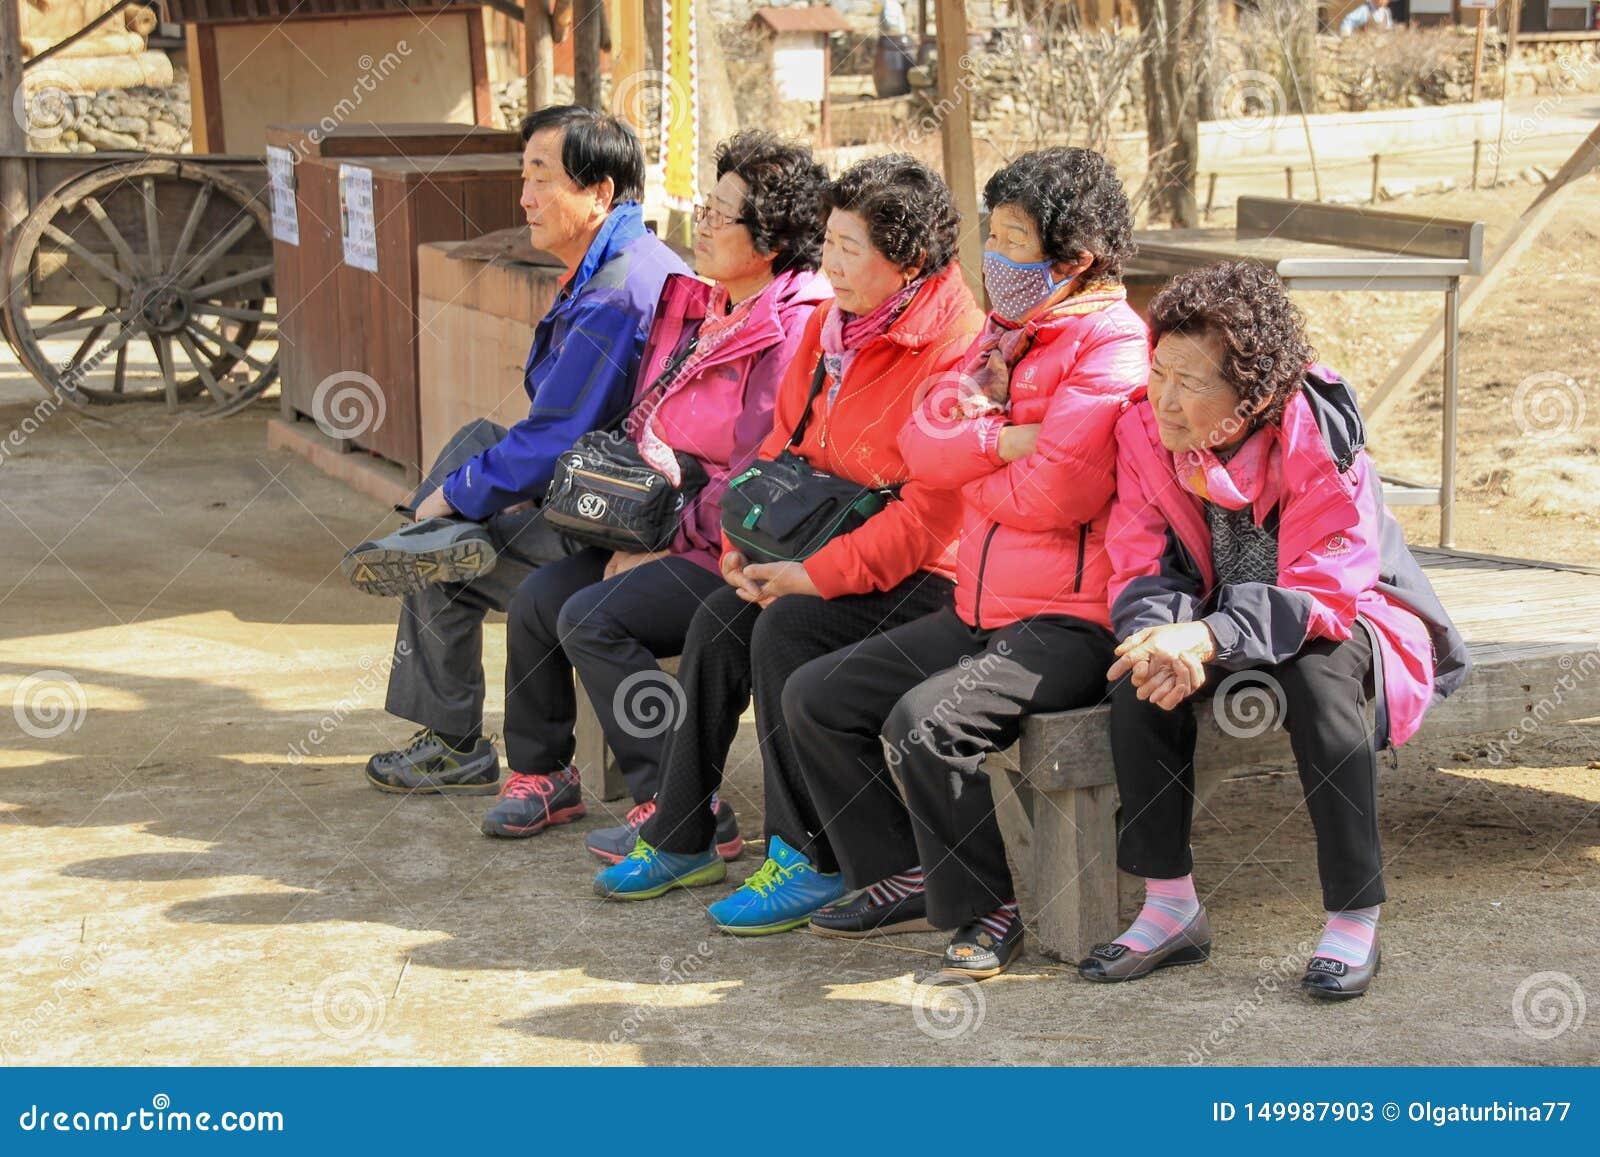 Ασιατικοί ηλικιωμένοι τουρίστες στην επίσκεψη ομάδας στο κορεατικό λαϊκό χωριό